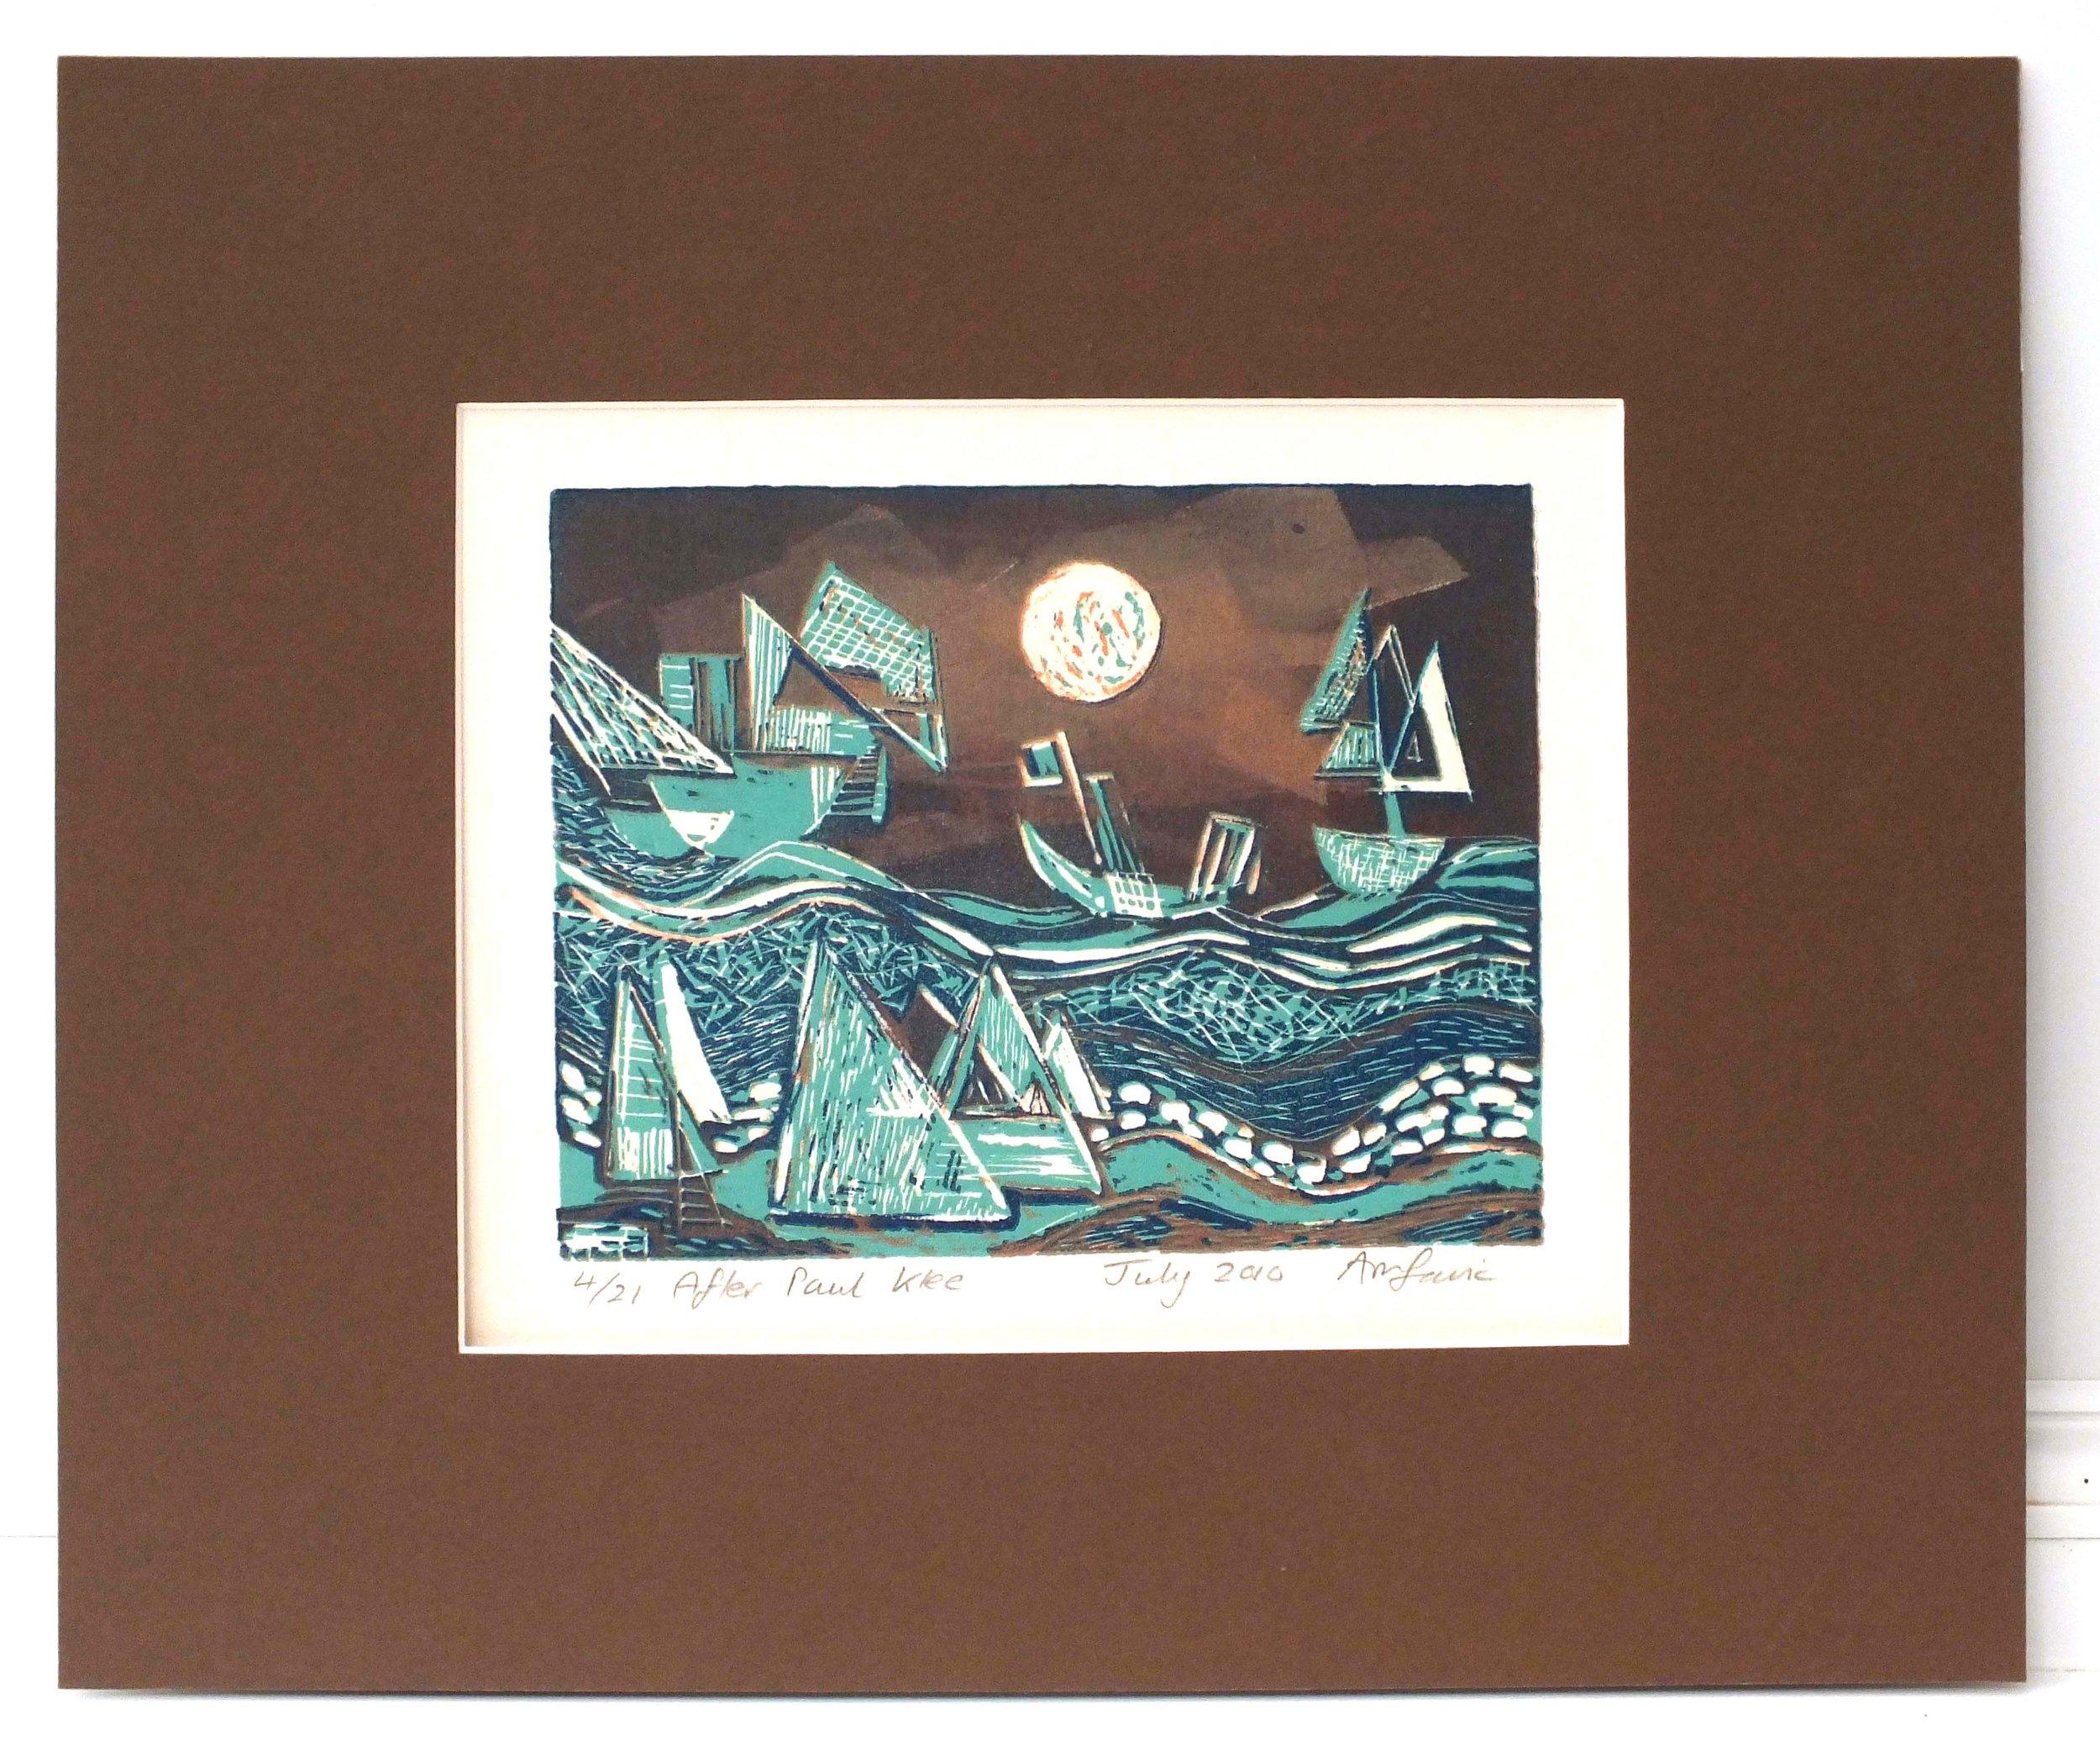 Paul Klee #4 mount.jpg